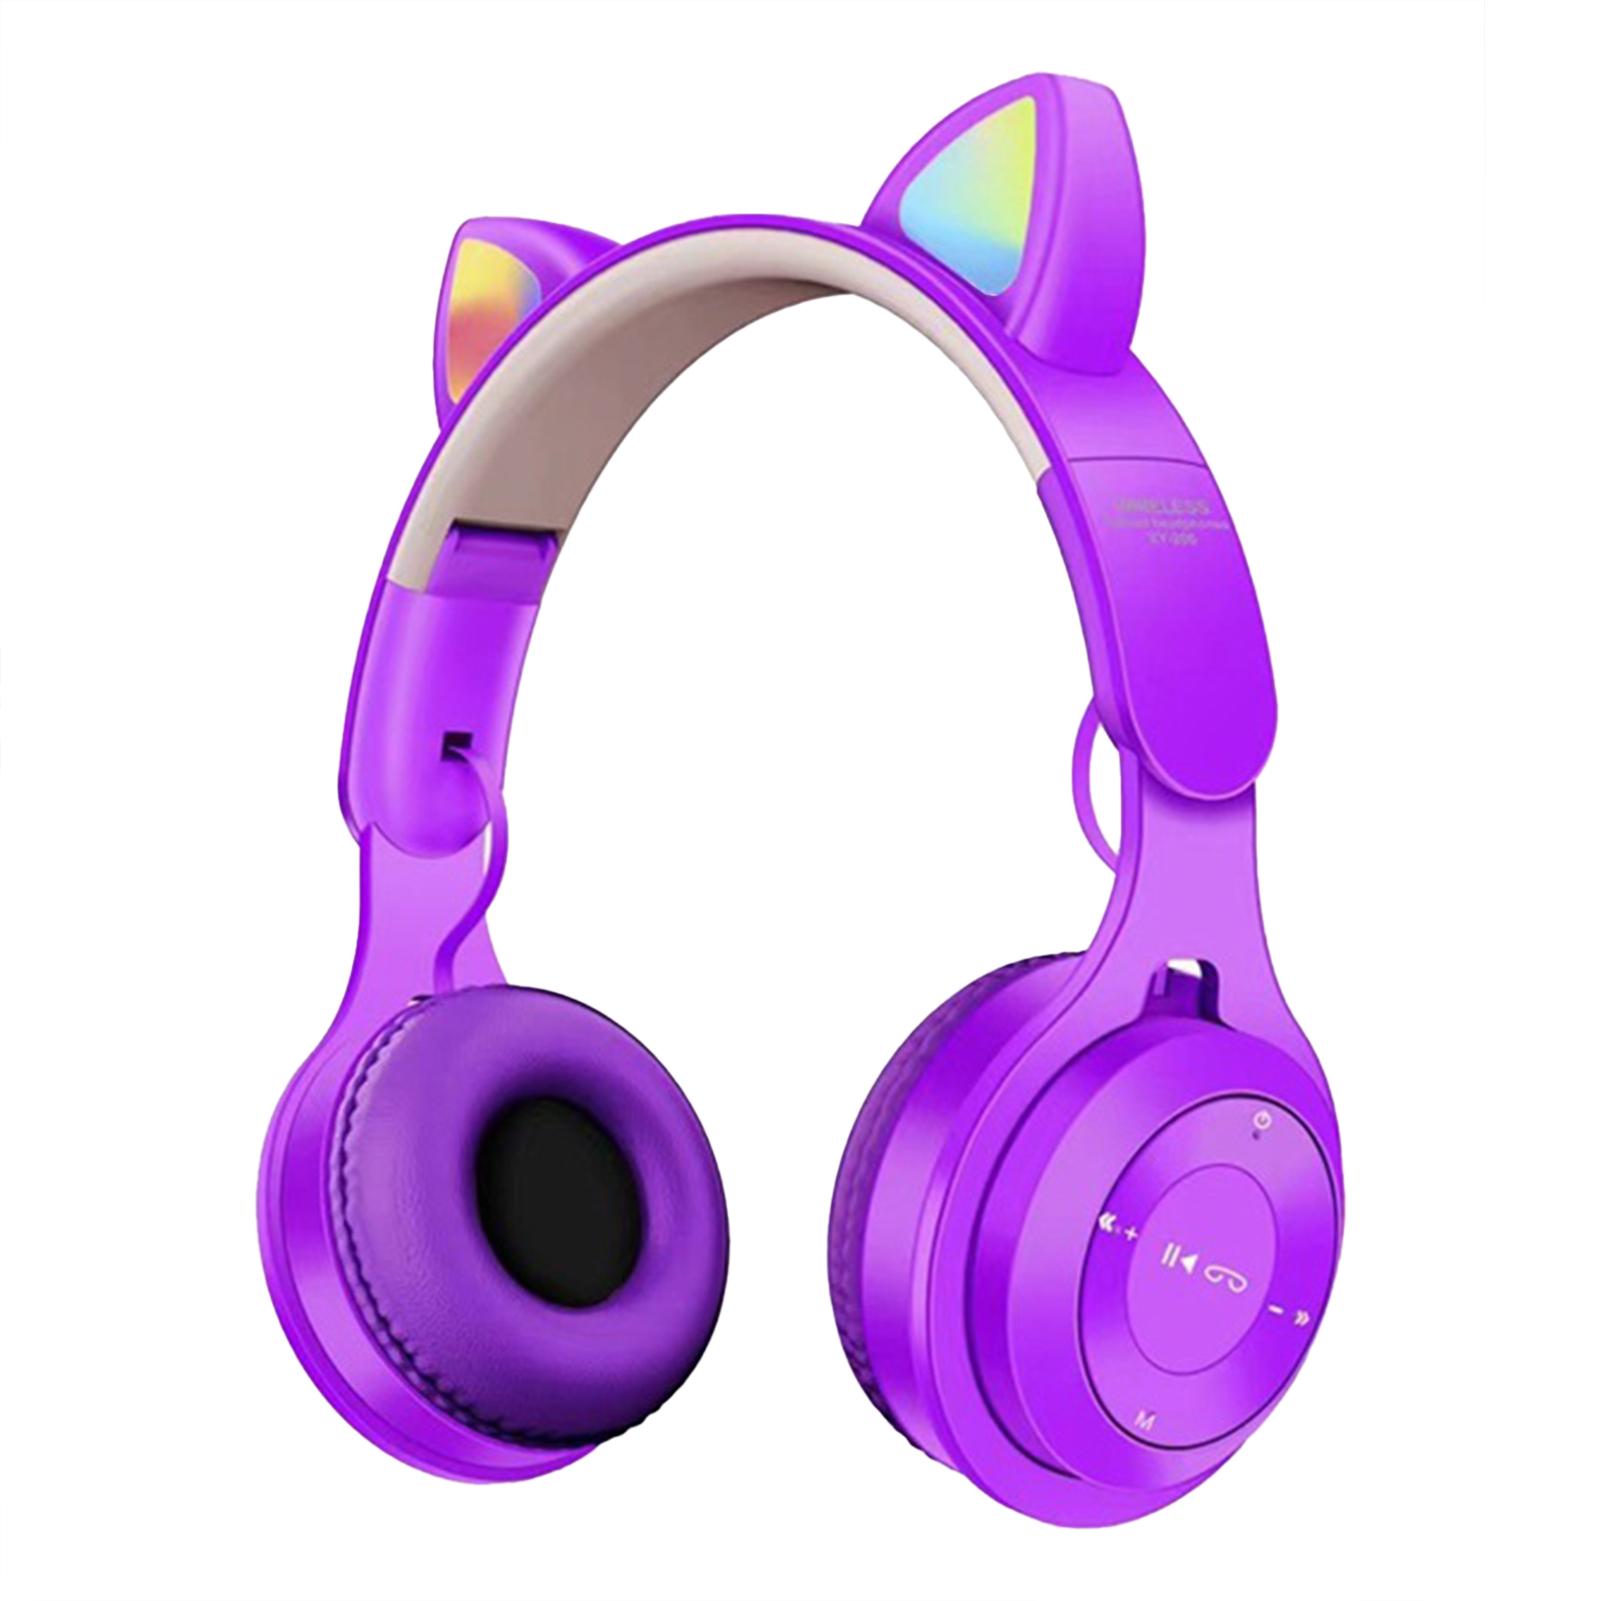 Tai Nghe Bluetooth Sáng Tạo SZC, Tai Nghe Chơi Game Không Dây Dễ Thương Hình Tai Mèo Phát Sáng Bluetooth 5.0 Cho Máy Tính Để Bàn thumbnail